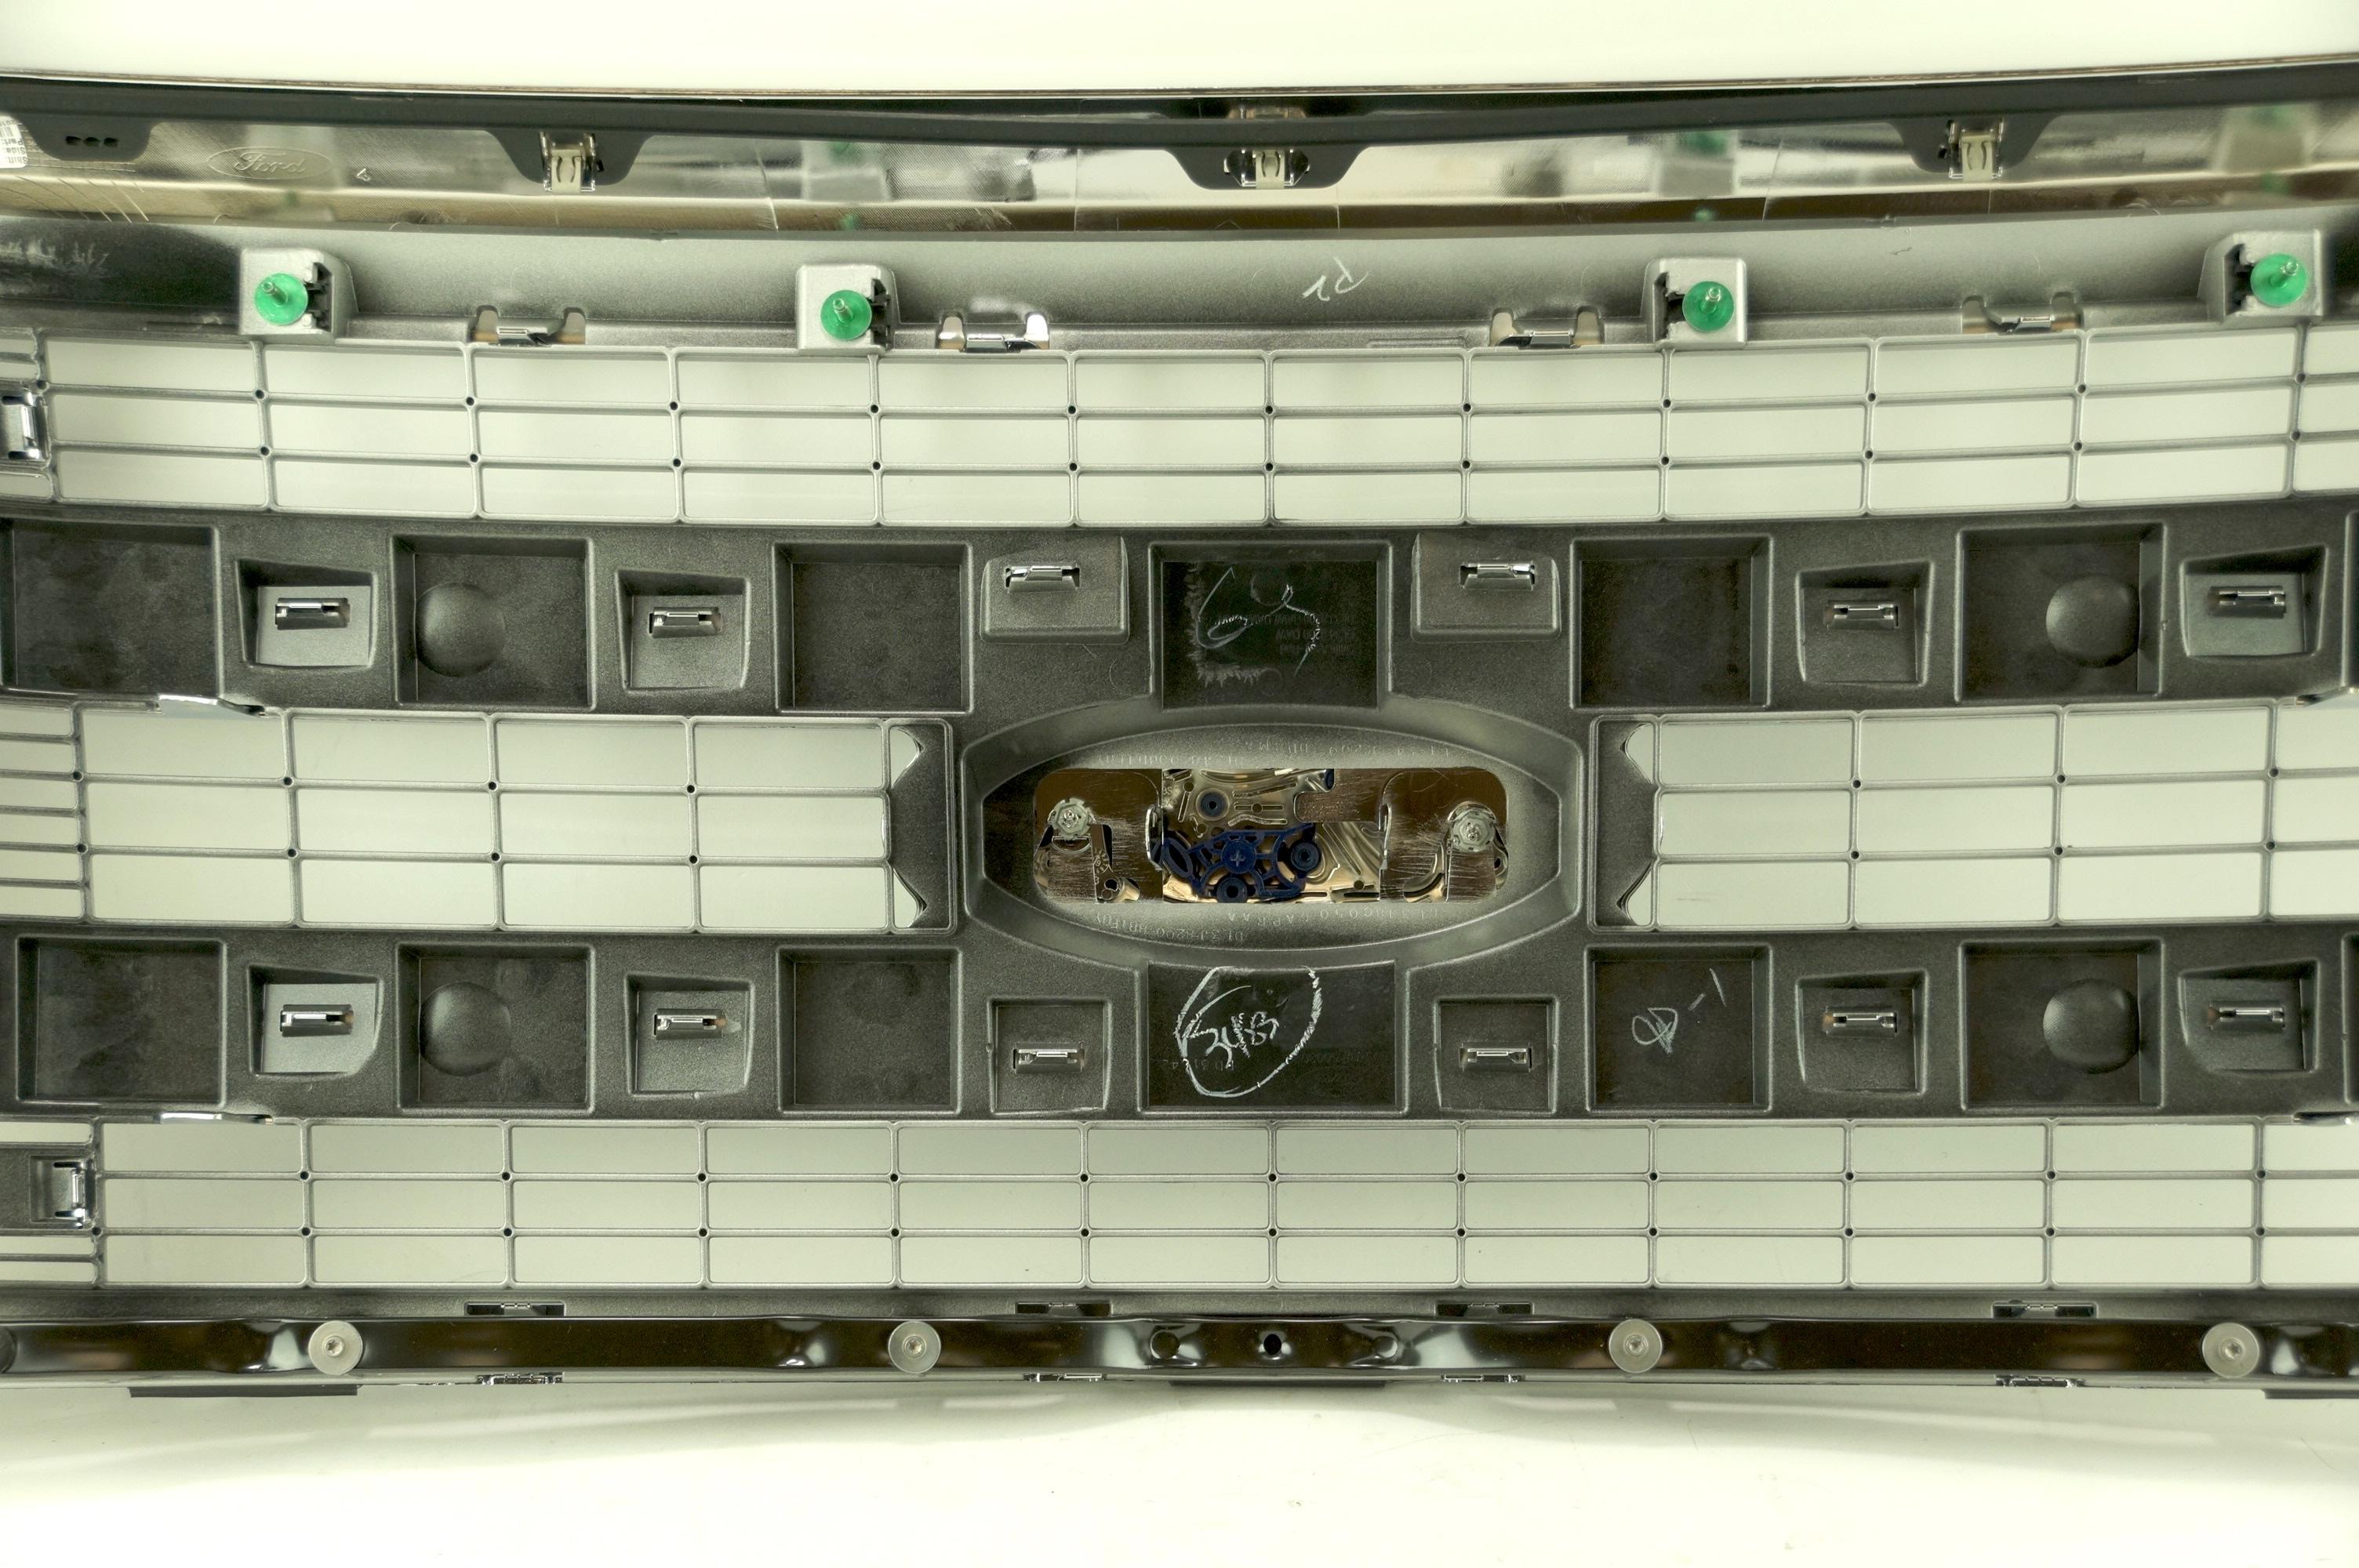 New Genuine OEM DL3Z8200BA Ford Front Grille Assembly w/ Emblem 09-14 F-150 XLT - image 9